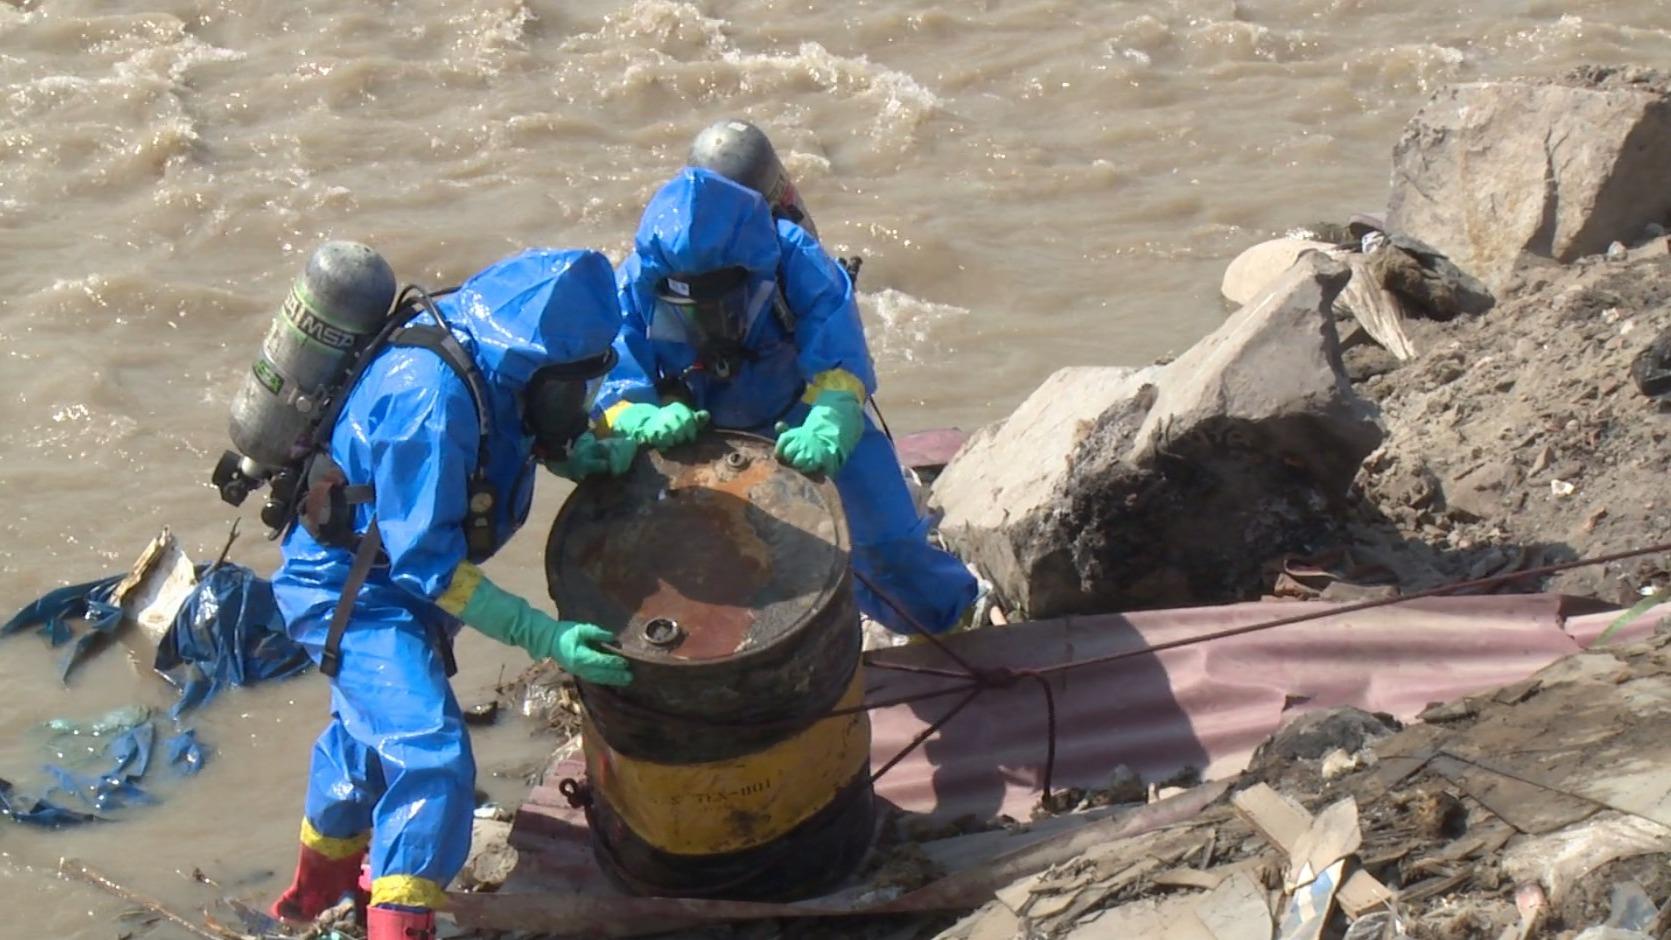 La Autoridad Nacional del Agua y bomberos retiraron nueve cilindros con material tóxico del río Chillón.